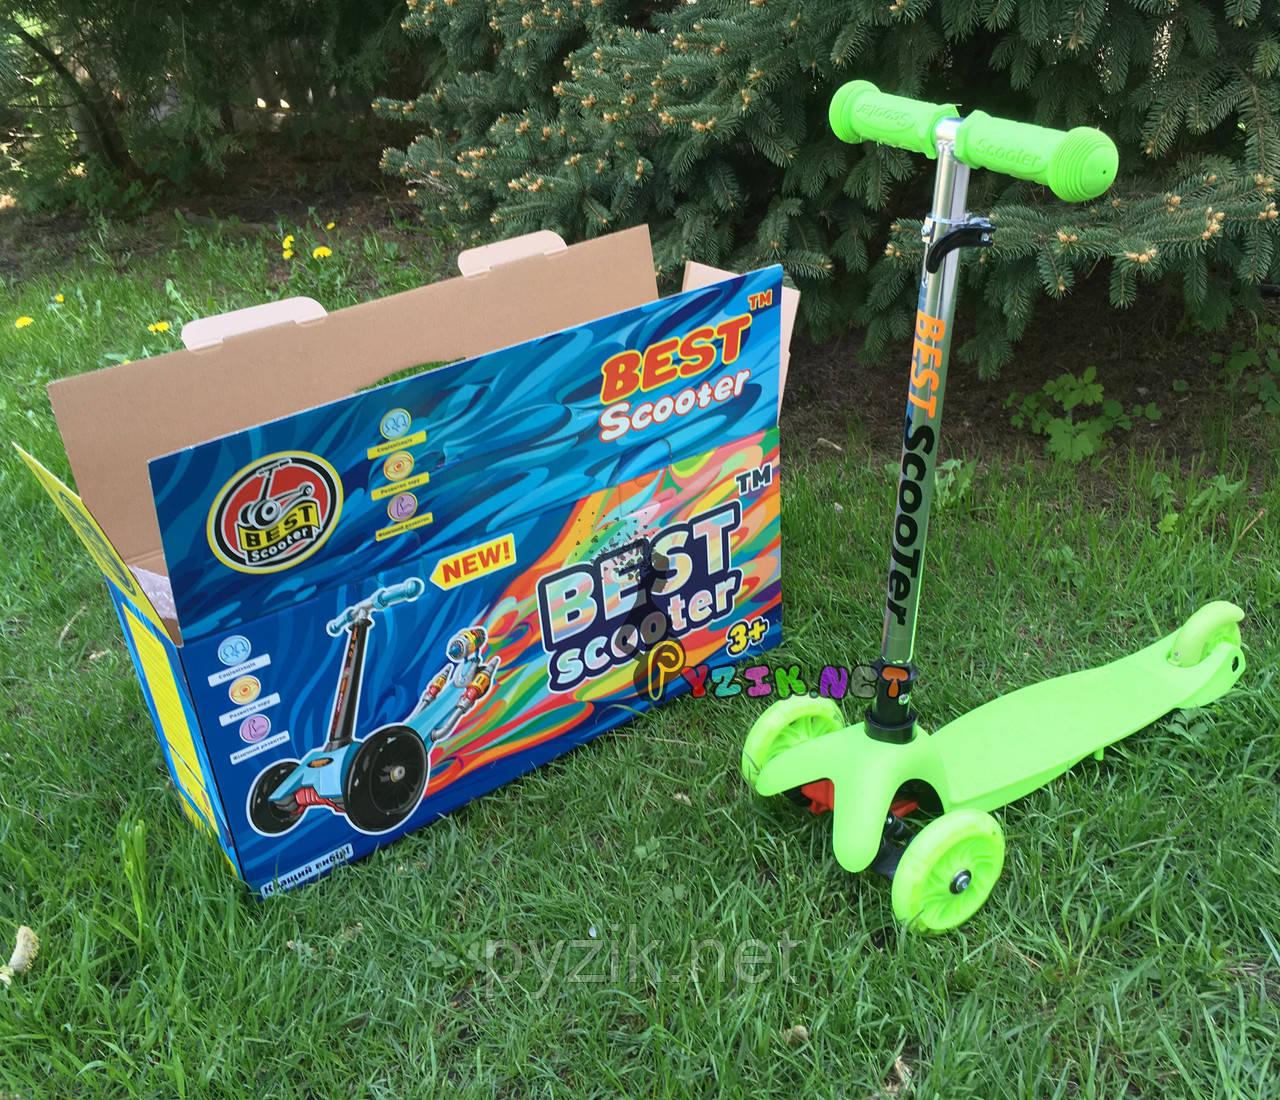 Трехколесный самокат Best Scooter Mini с регулировкой высоты руля, цвет на выбор